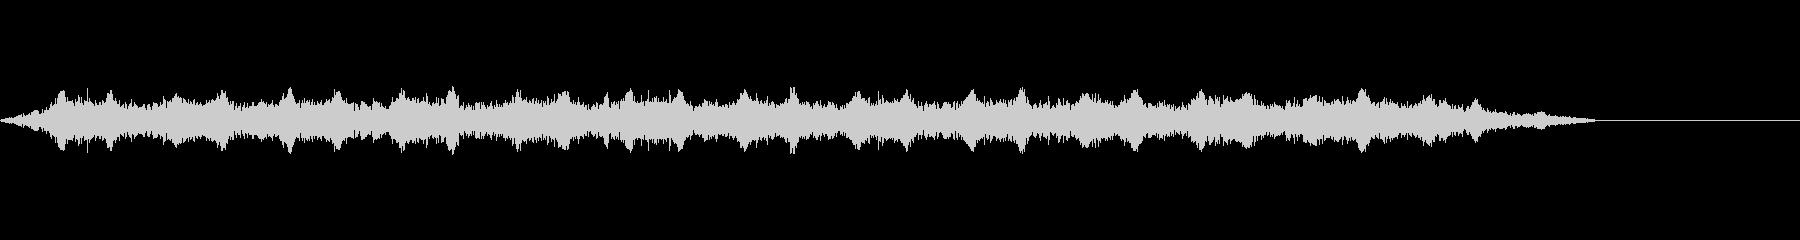 ブワンブワン(ドラッグ開始_02)の未再生の波形